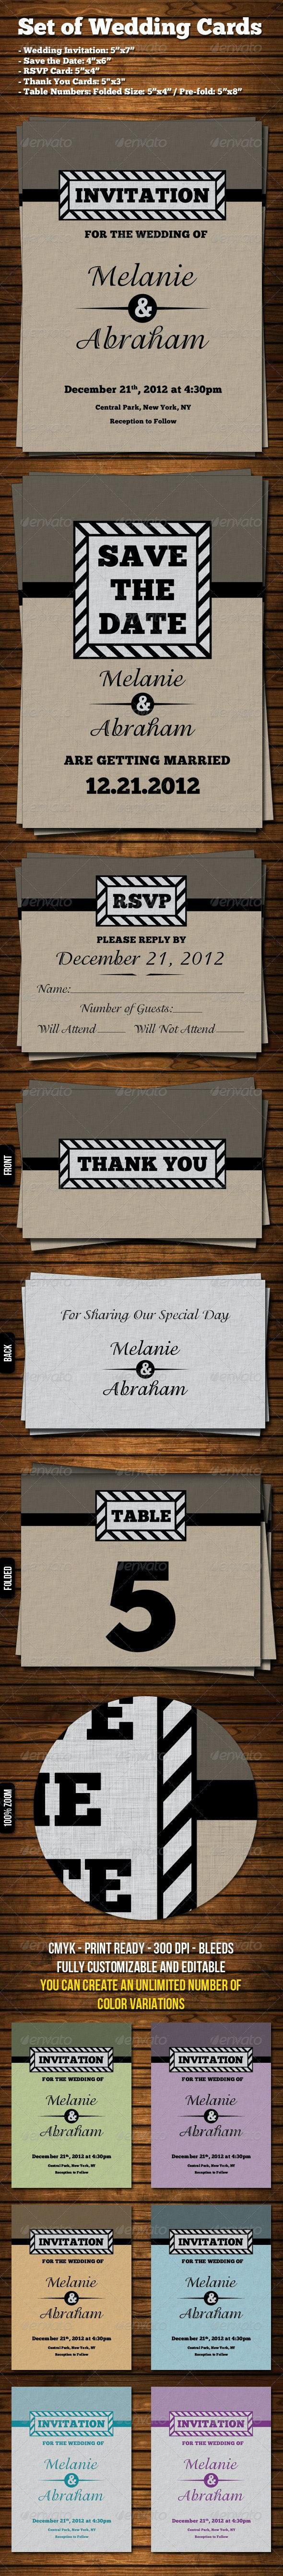 Wedding Invitation Set - Weddings Cards & Invites